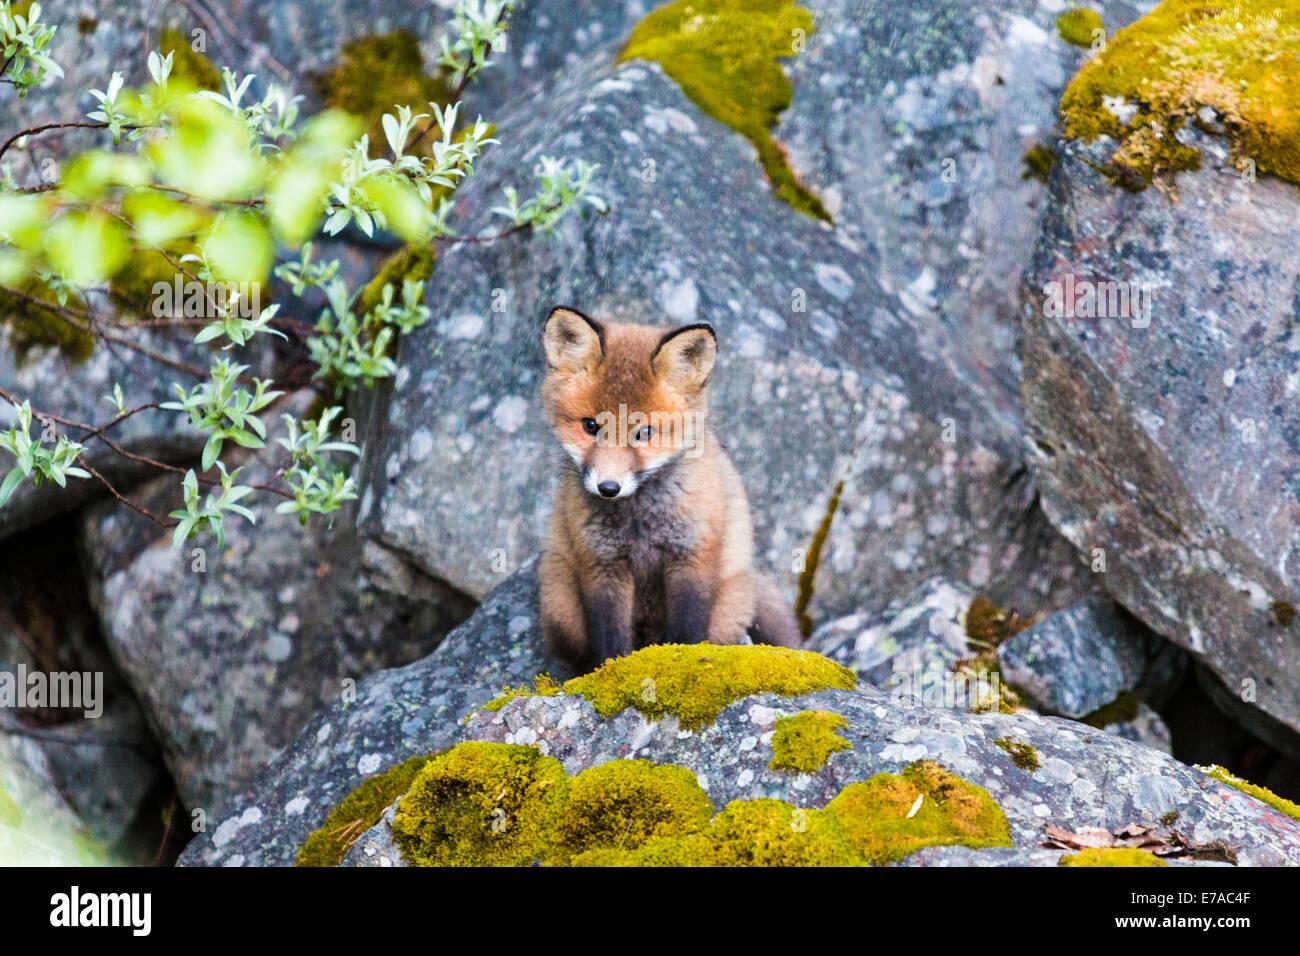 Chiot Redfox, Vulpes vulpes, à partir de son nid, Kvikkjokk, en Laponie suédoise, Suède Photo Stock